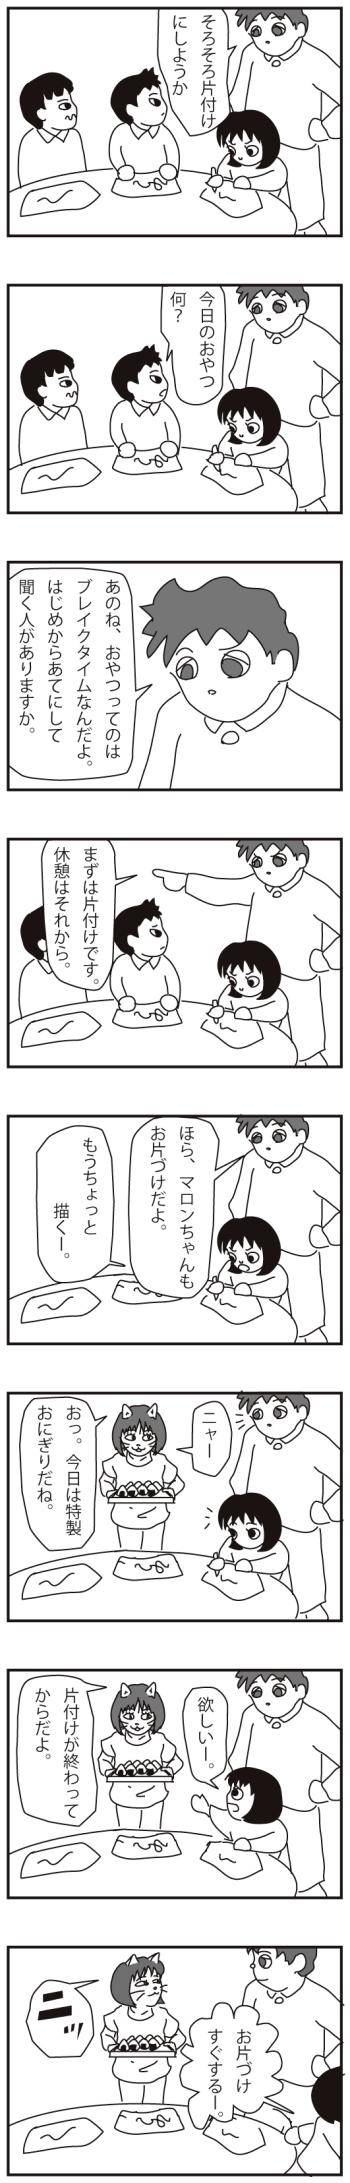 0205.jpg